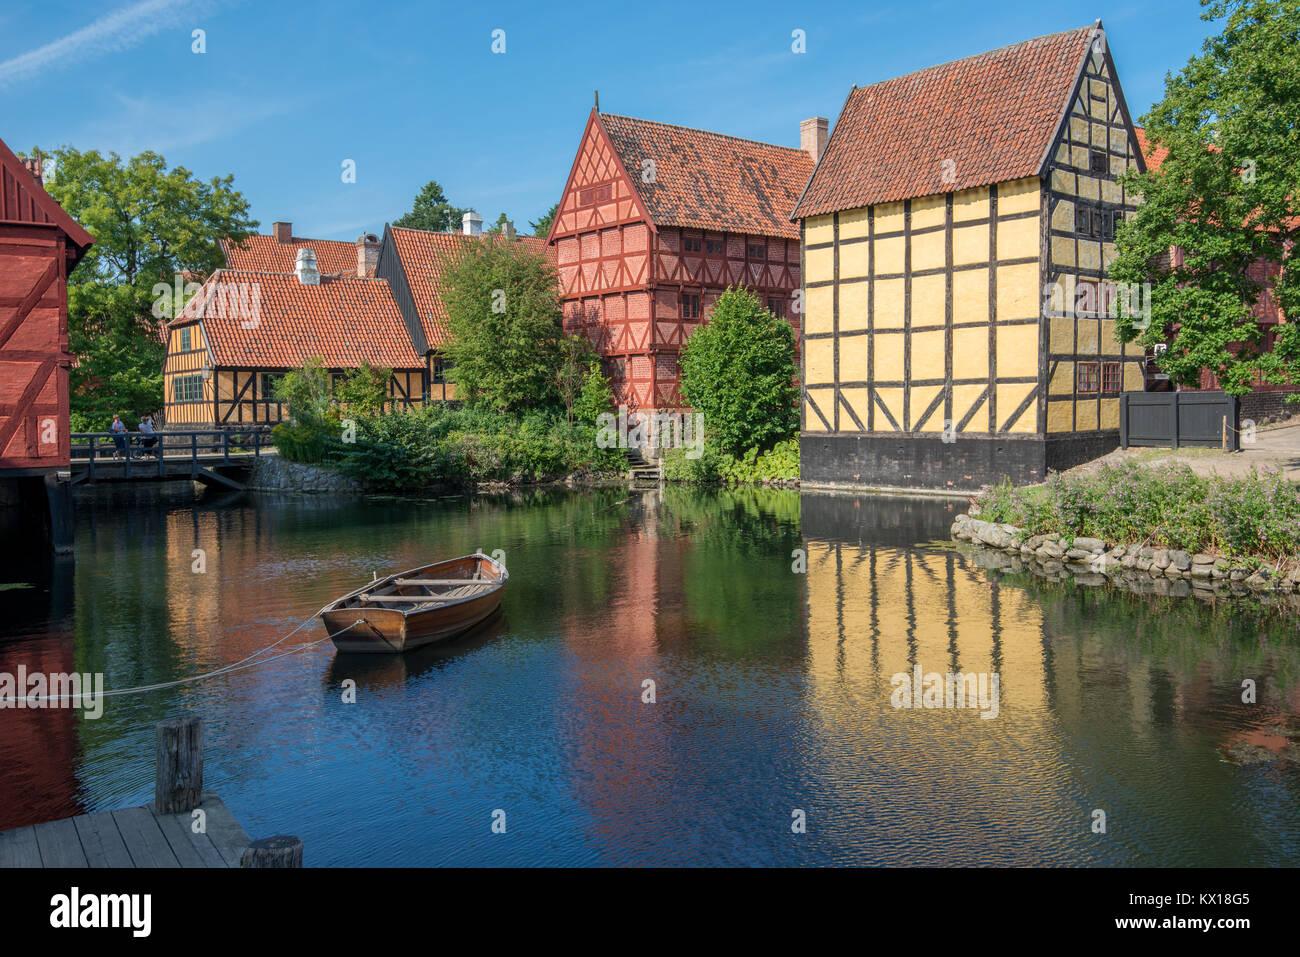 La vieille ville d'Aarhus est populaire parmi les touristes comme il affiche une architecture traditionnelle danoise du 16ème siècle au 19ème siècle. Banque D'Images